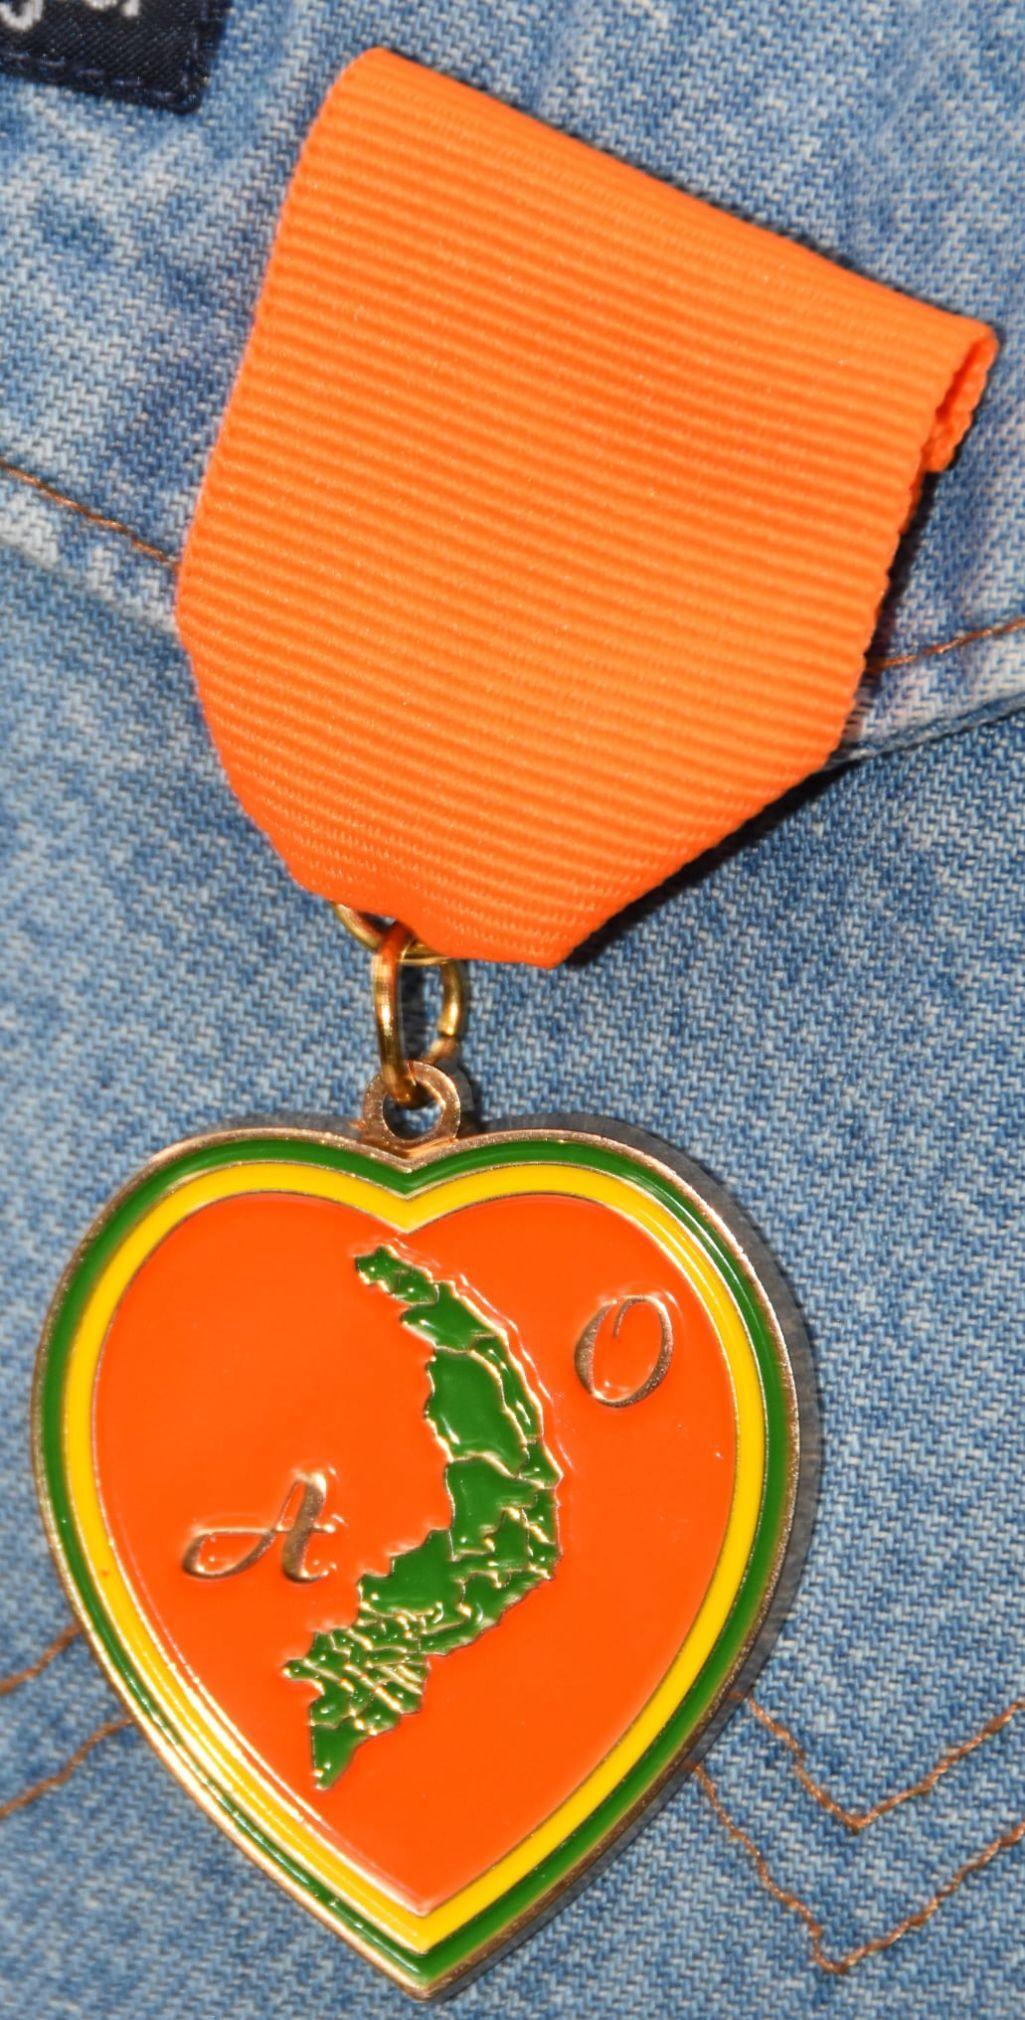 Agent Orange Heart Medal